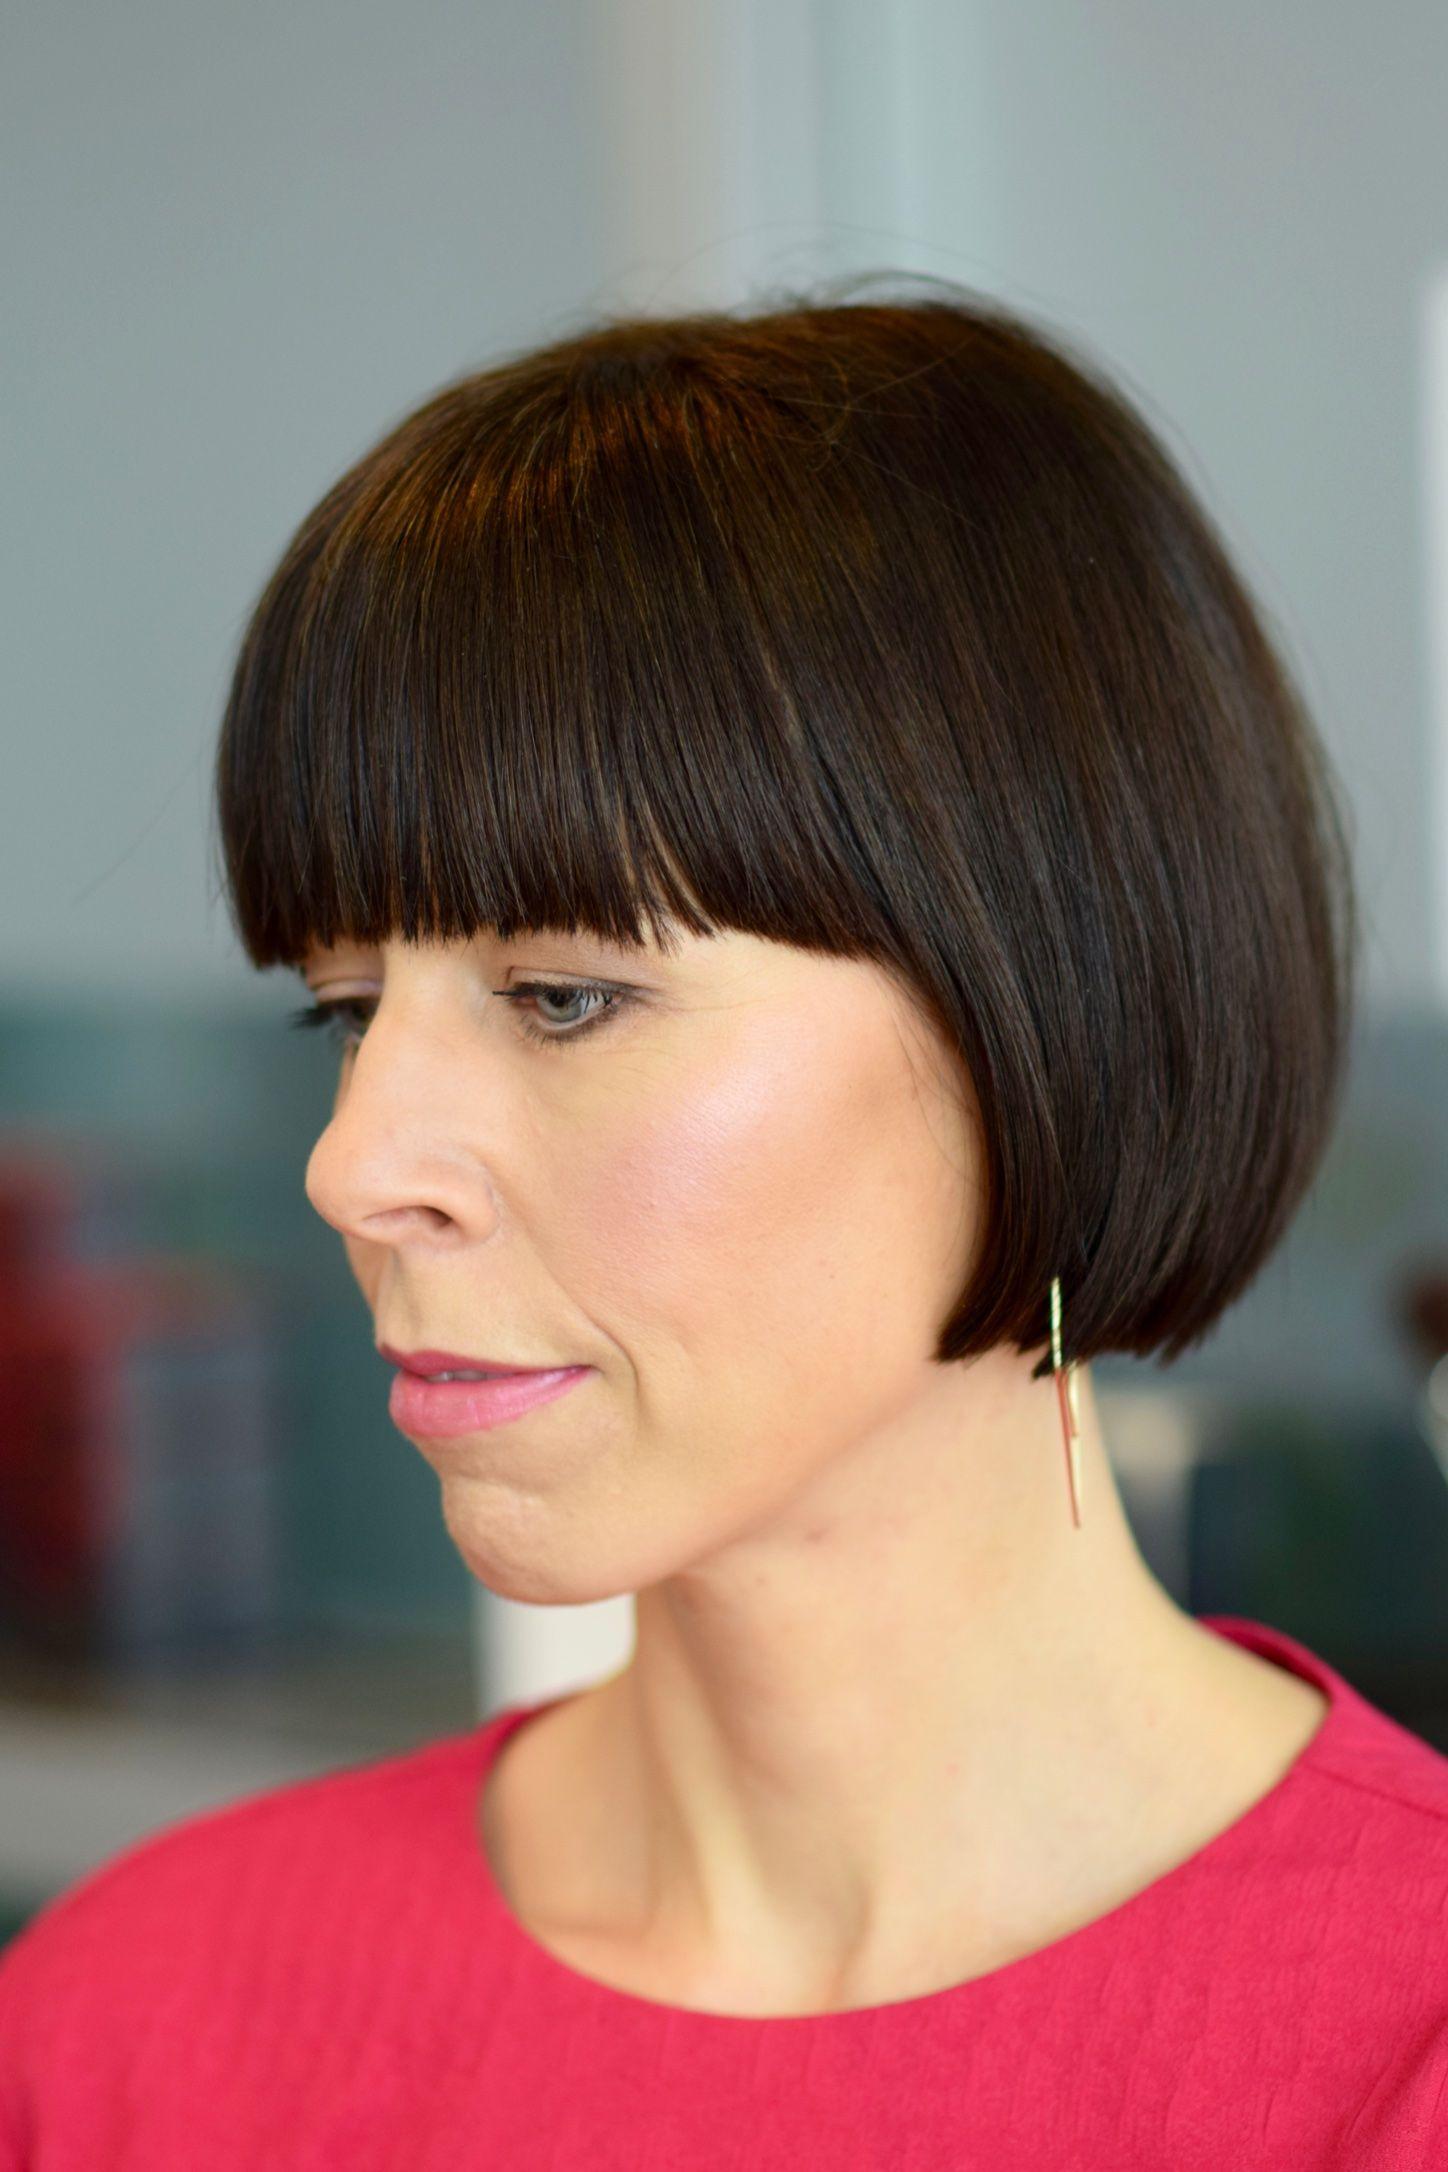 Frisuren Verandern Deinen Stil Haare Frisuren Stilberatung